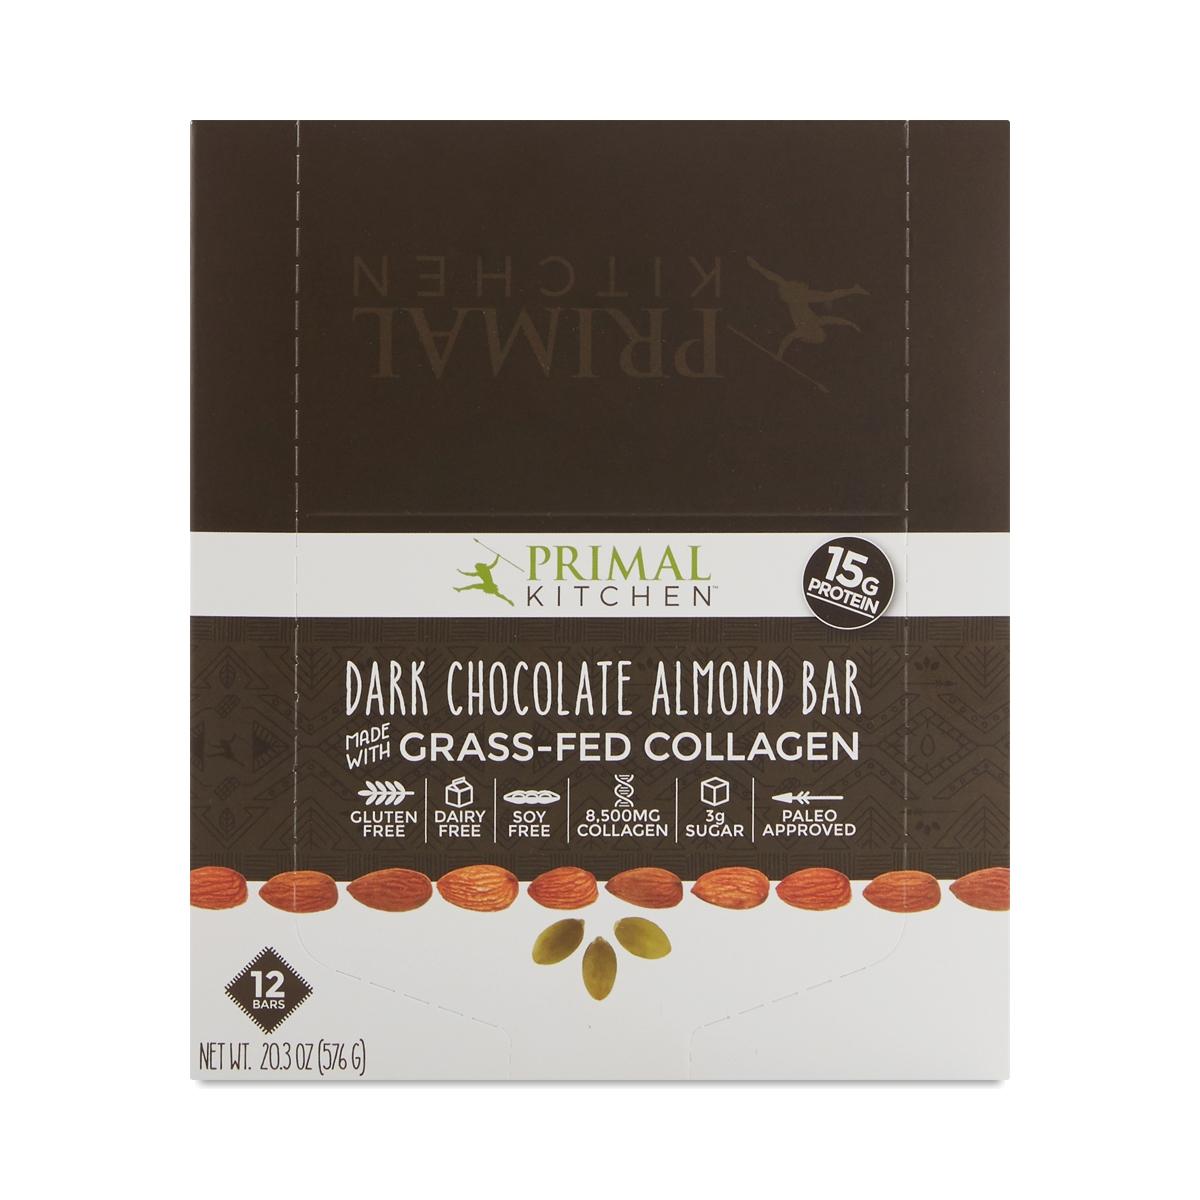 Genial Dark Chocolate Almond Bar With Grass Fed Collagen, 12 Pack. Thrive · Food · Primal  Kitchen